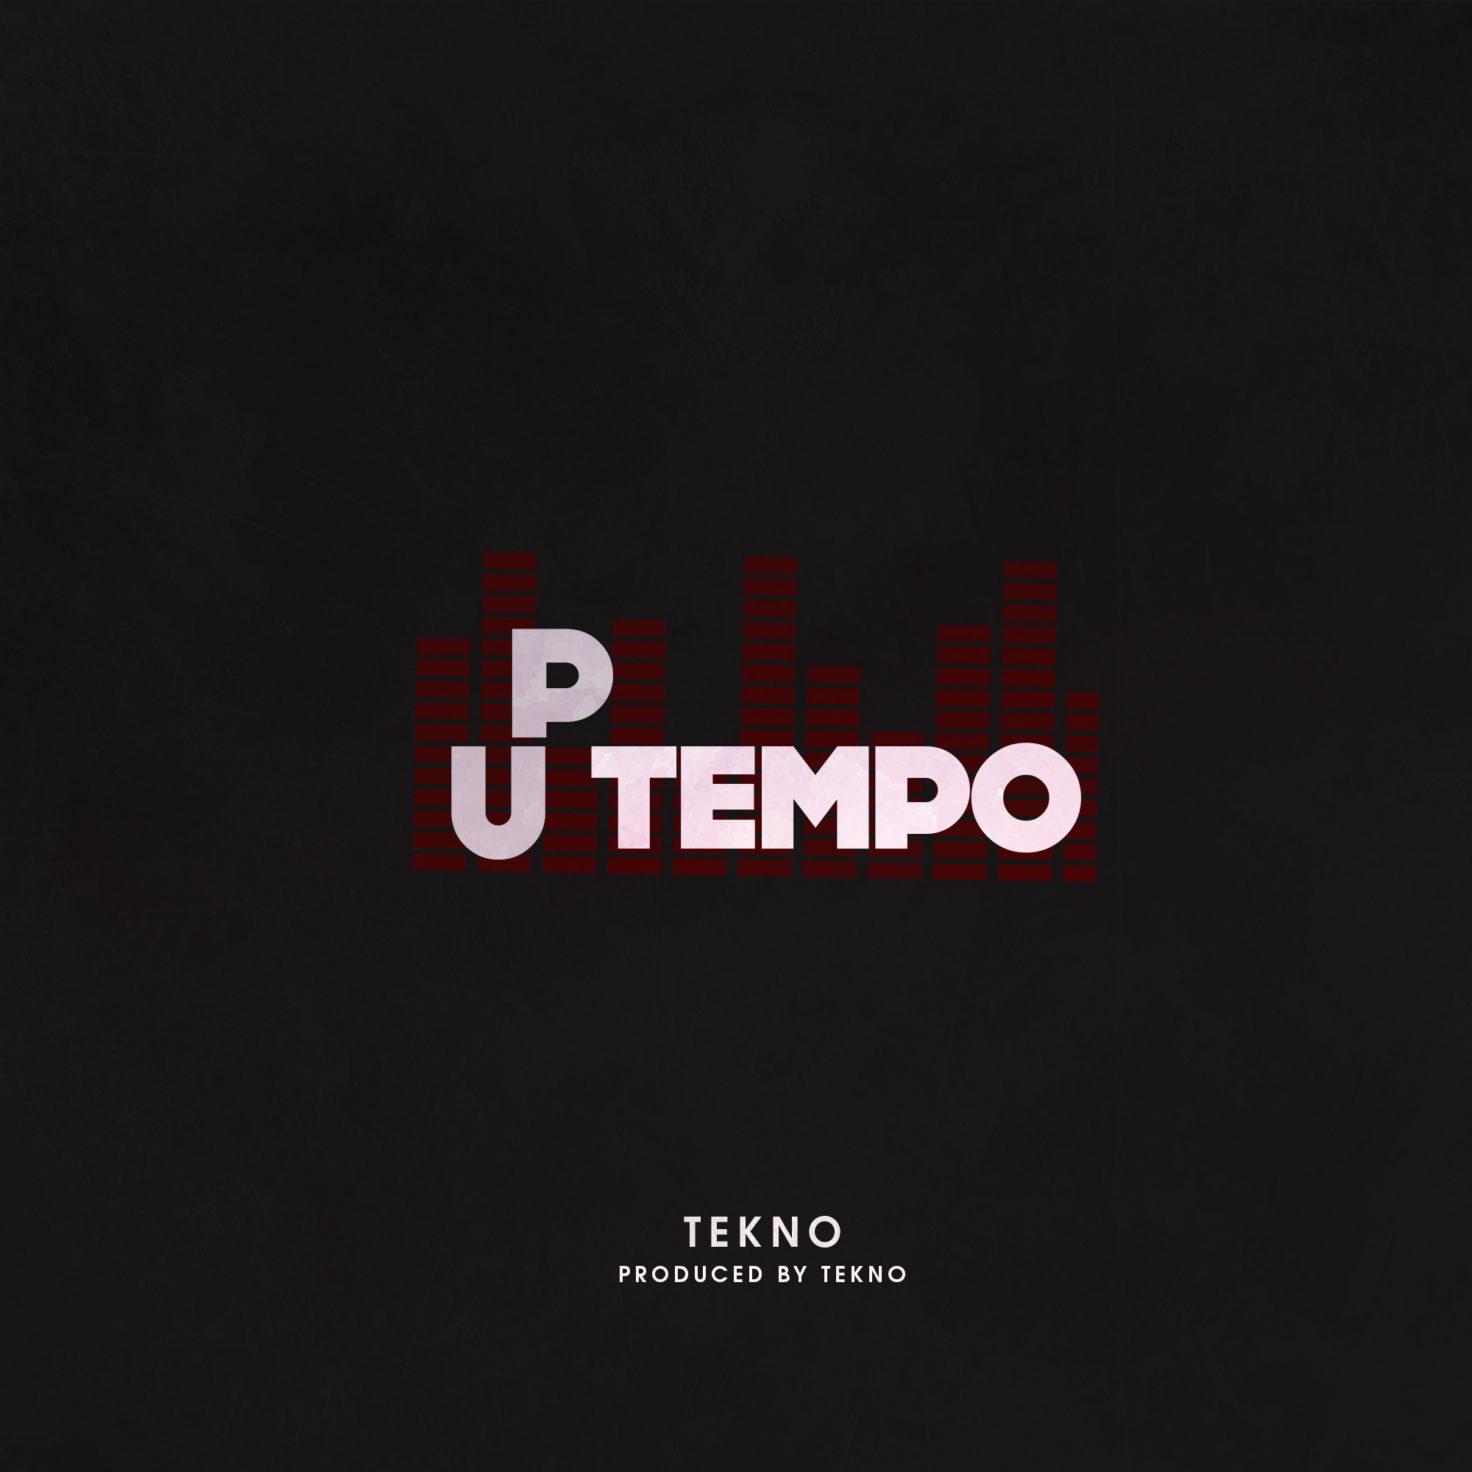 Tekno UpTempo Artwork